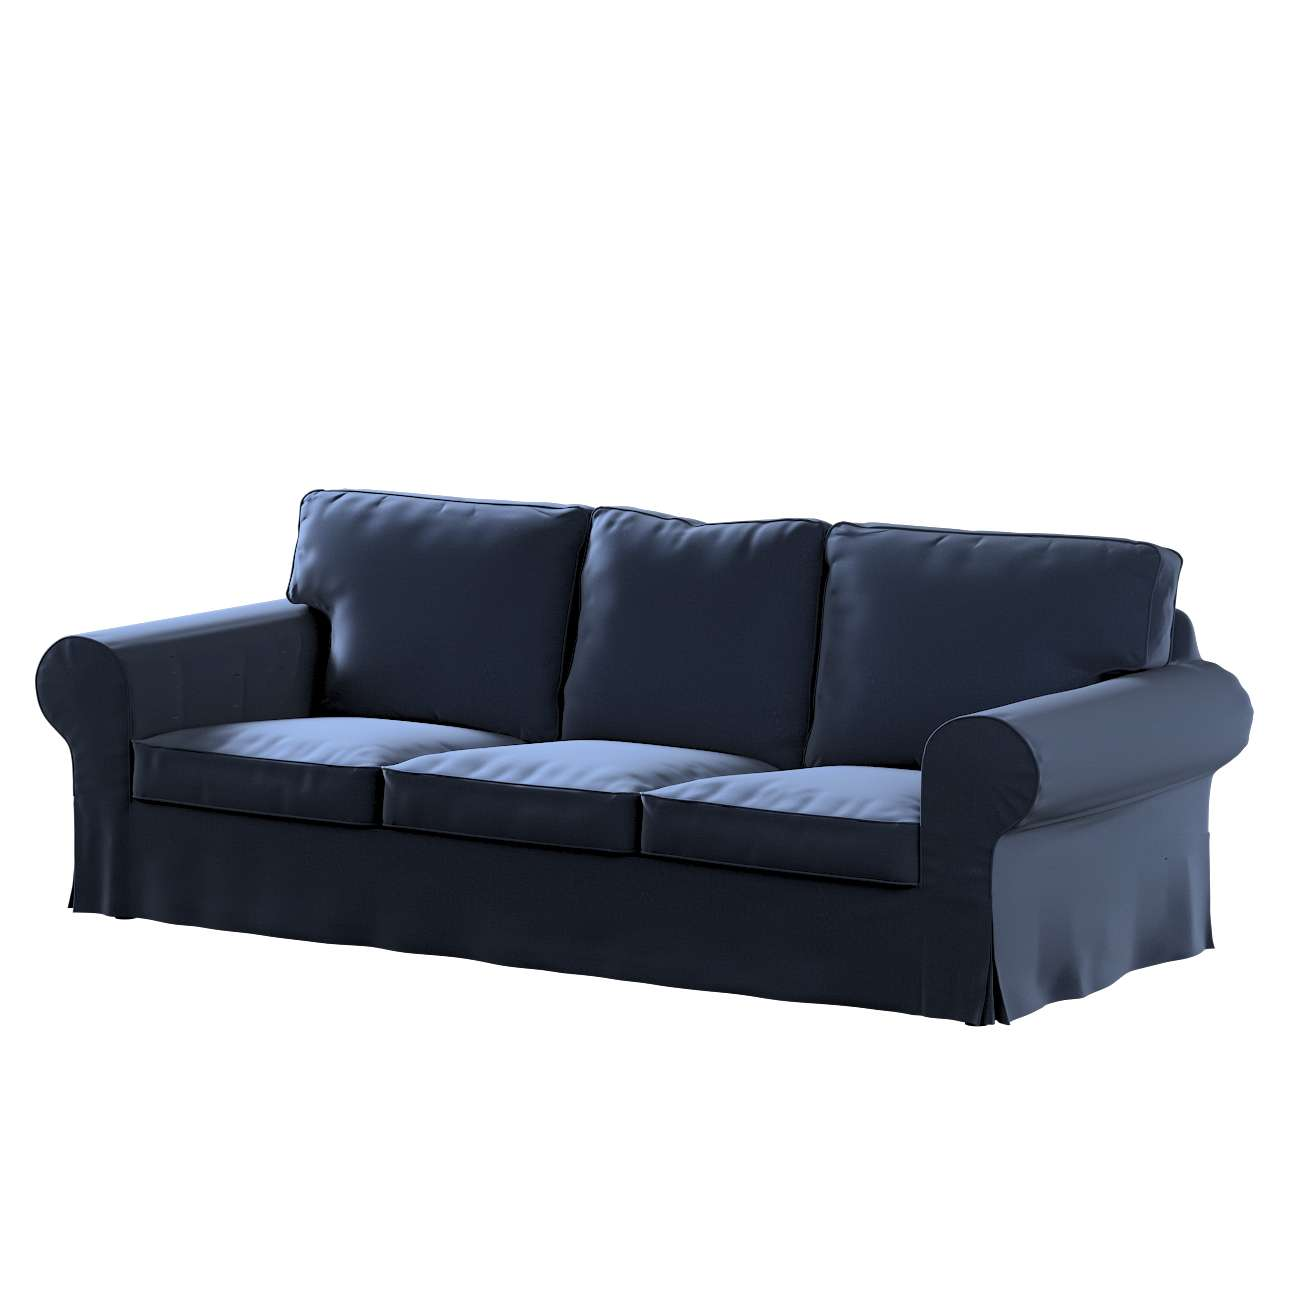 Pokrowiec na sofę Ektorp 3-osobową, rozkładaną, PIXBO w kolekcji Ingrid, tkanina: 705-39